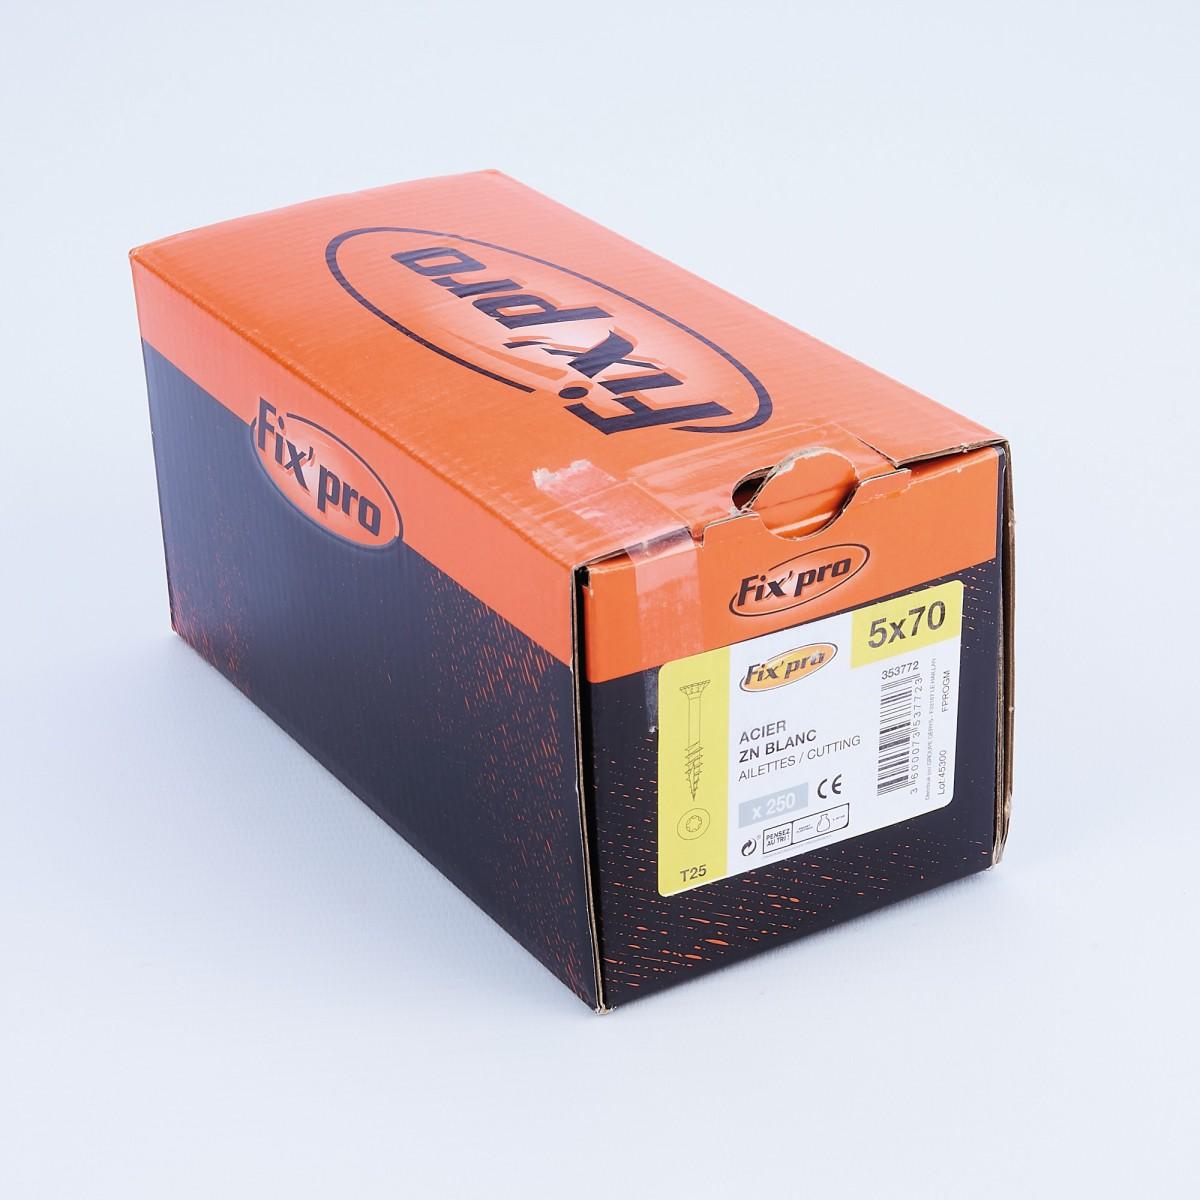 Vis à bois tête fraisée TX - 5x70 - 250pces - Fixpro